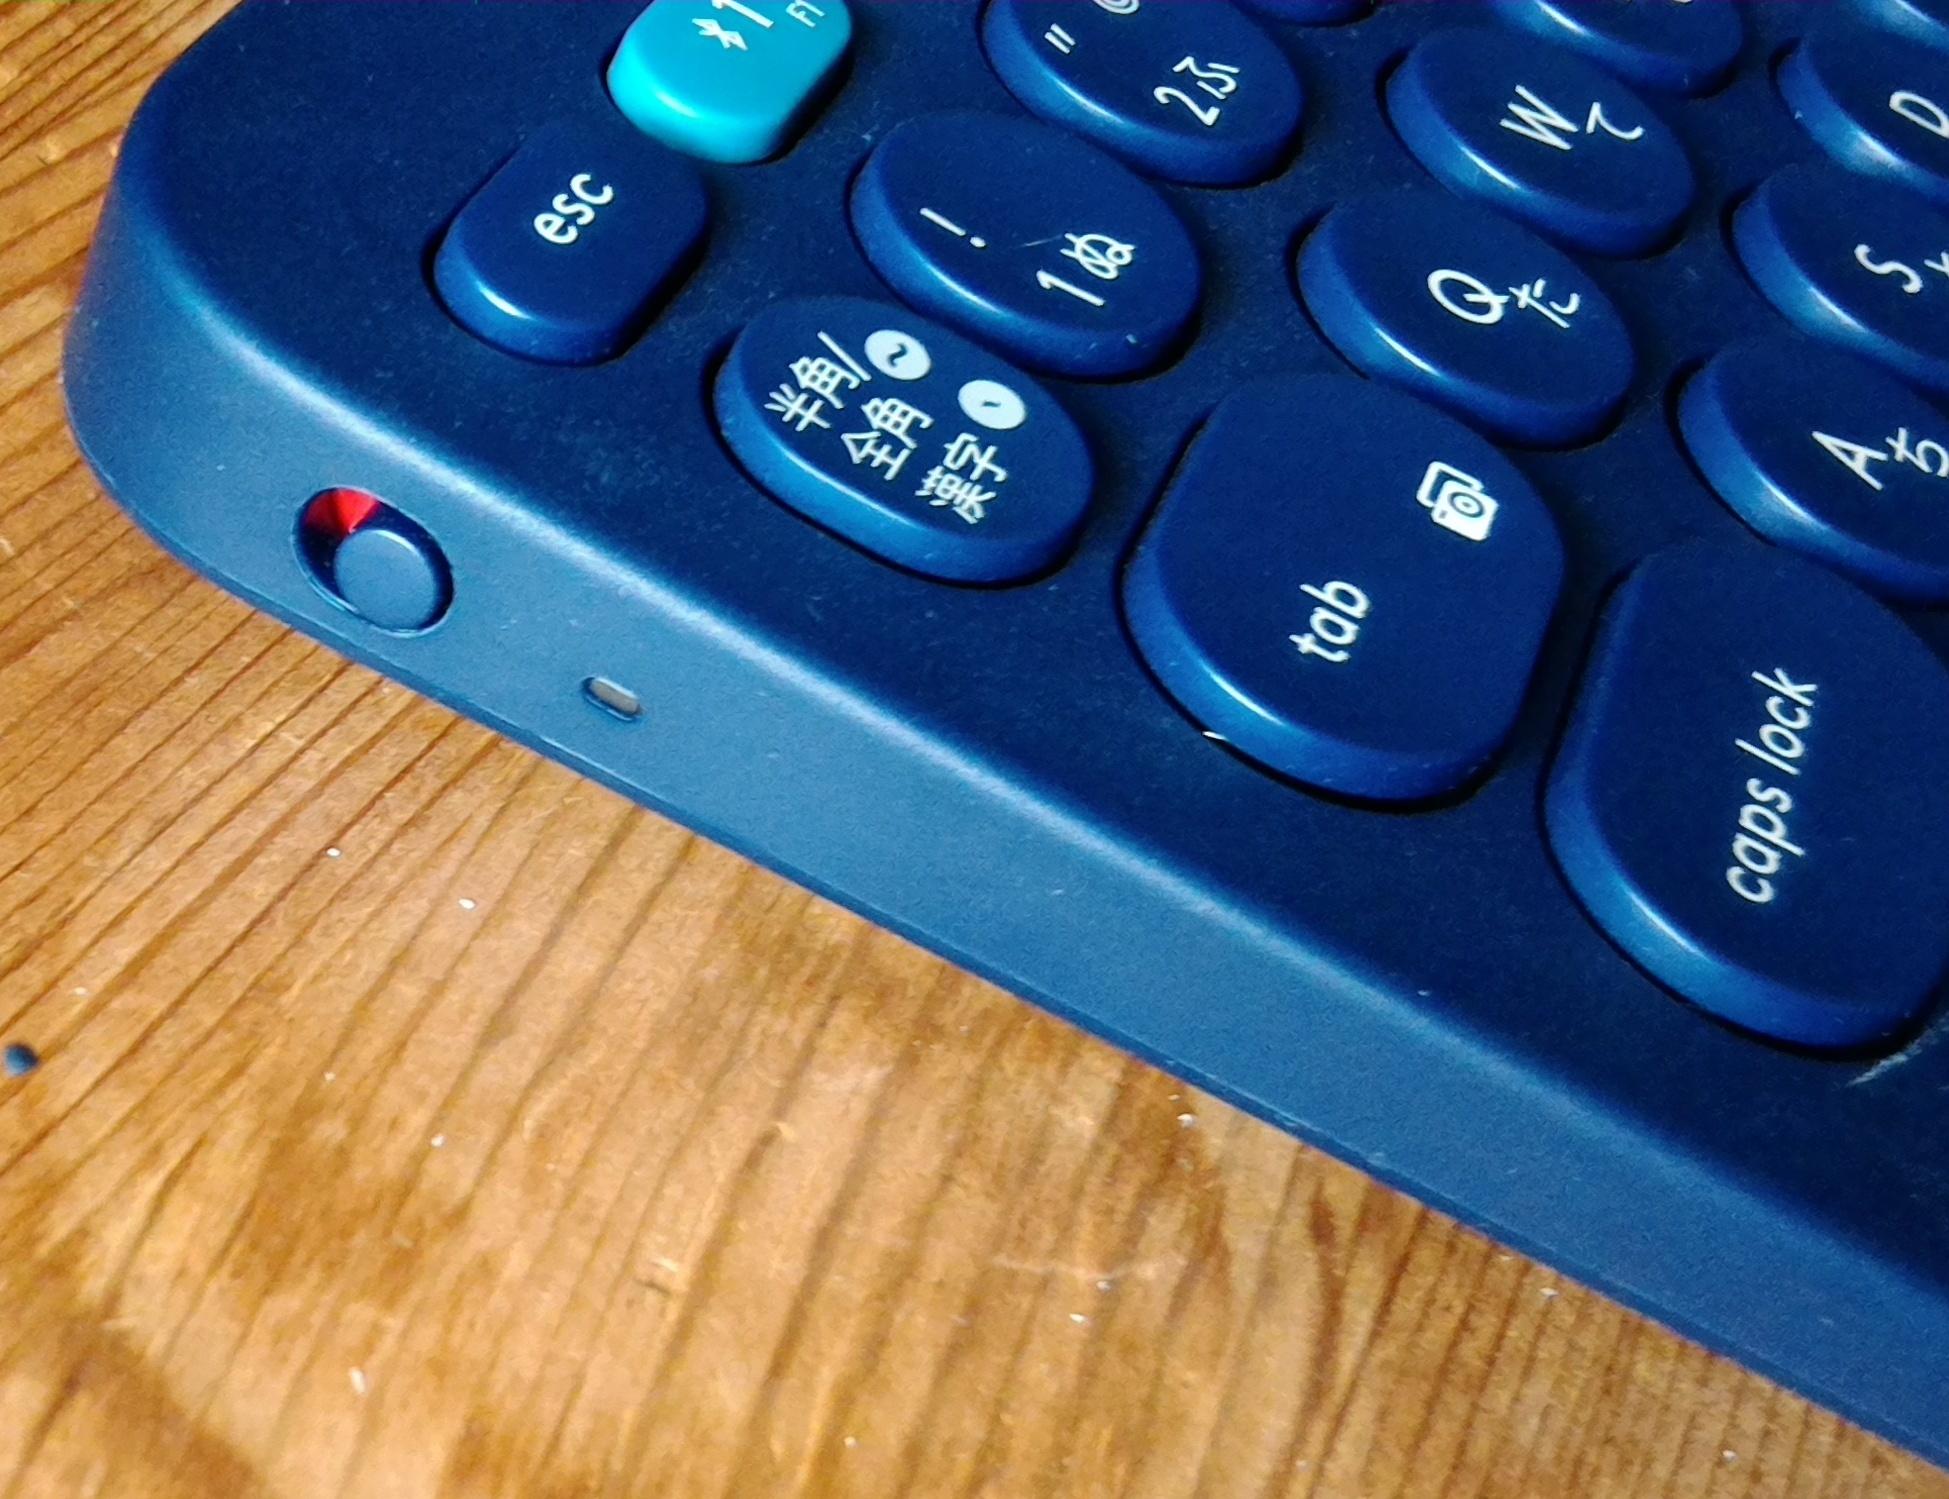 Bluetoothワイヤレスキーボード『K380』をレビュー!コスパの高さが魅力です